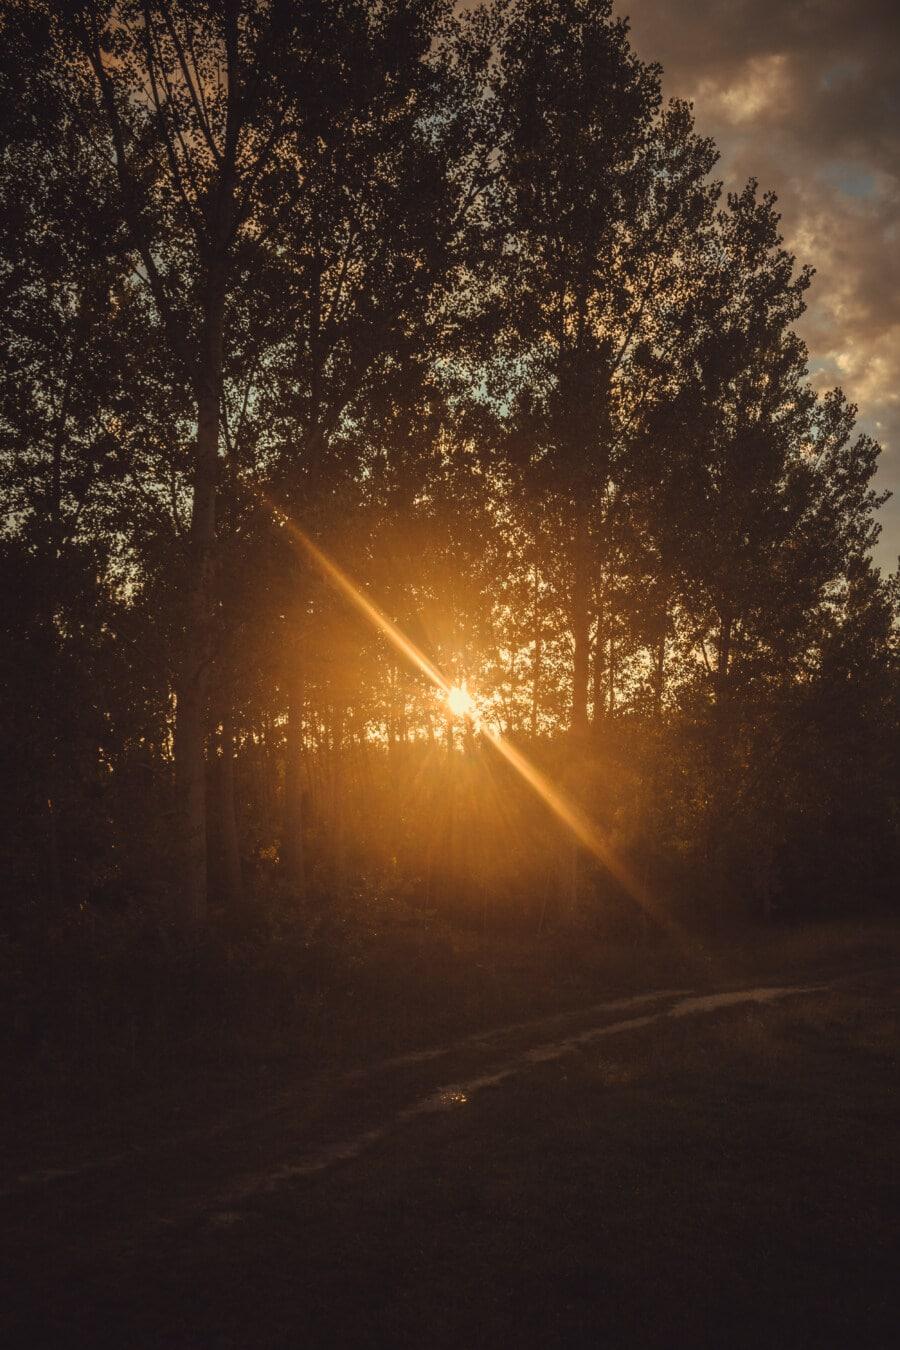 Sonnenstrahlen, Sonnenlicht, Sonnenschein, sonnig, hinterleuchtet, Wald, Sonnenfleck, Sonnenuntergang, Sonne, Beleuchtung